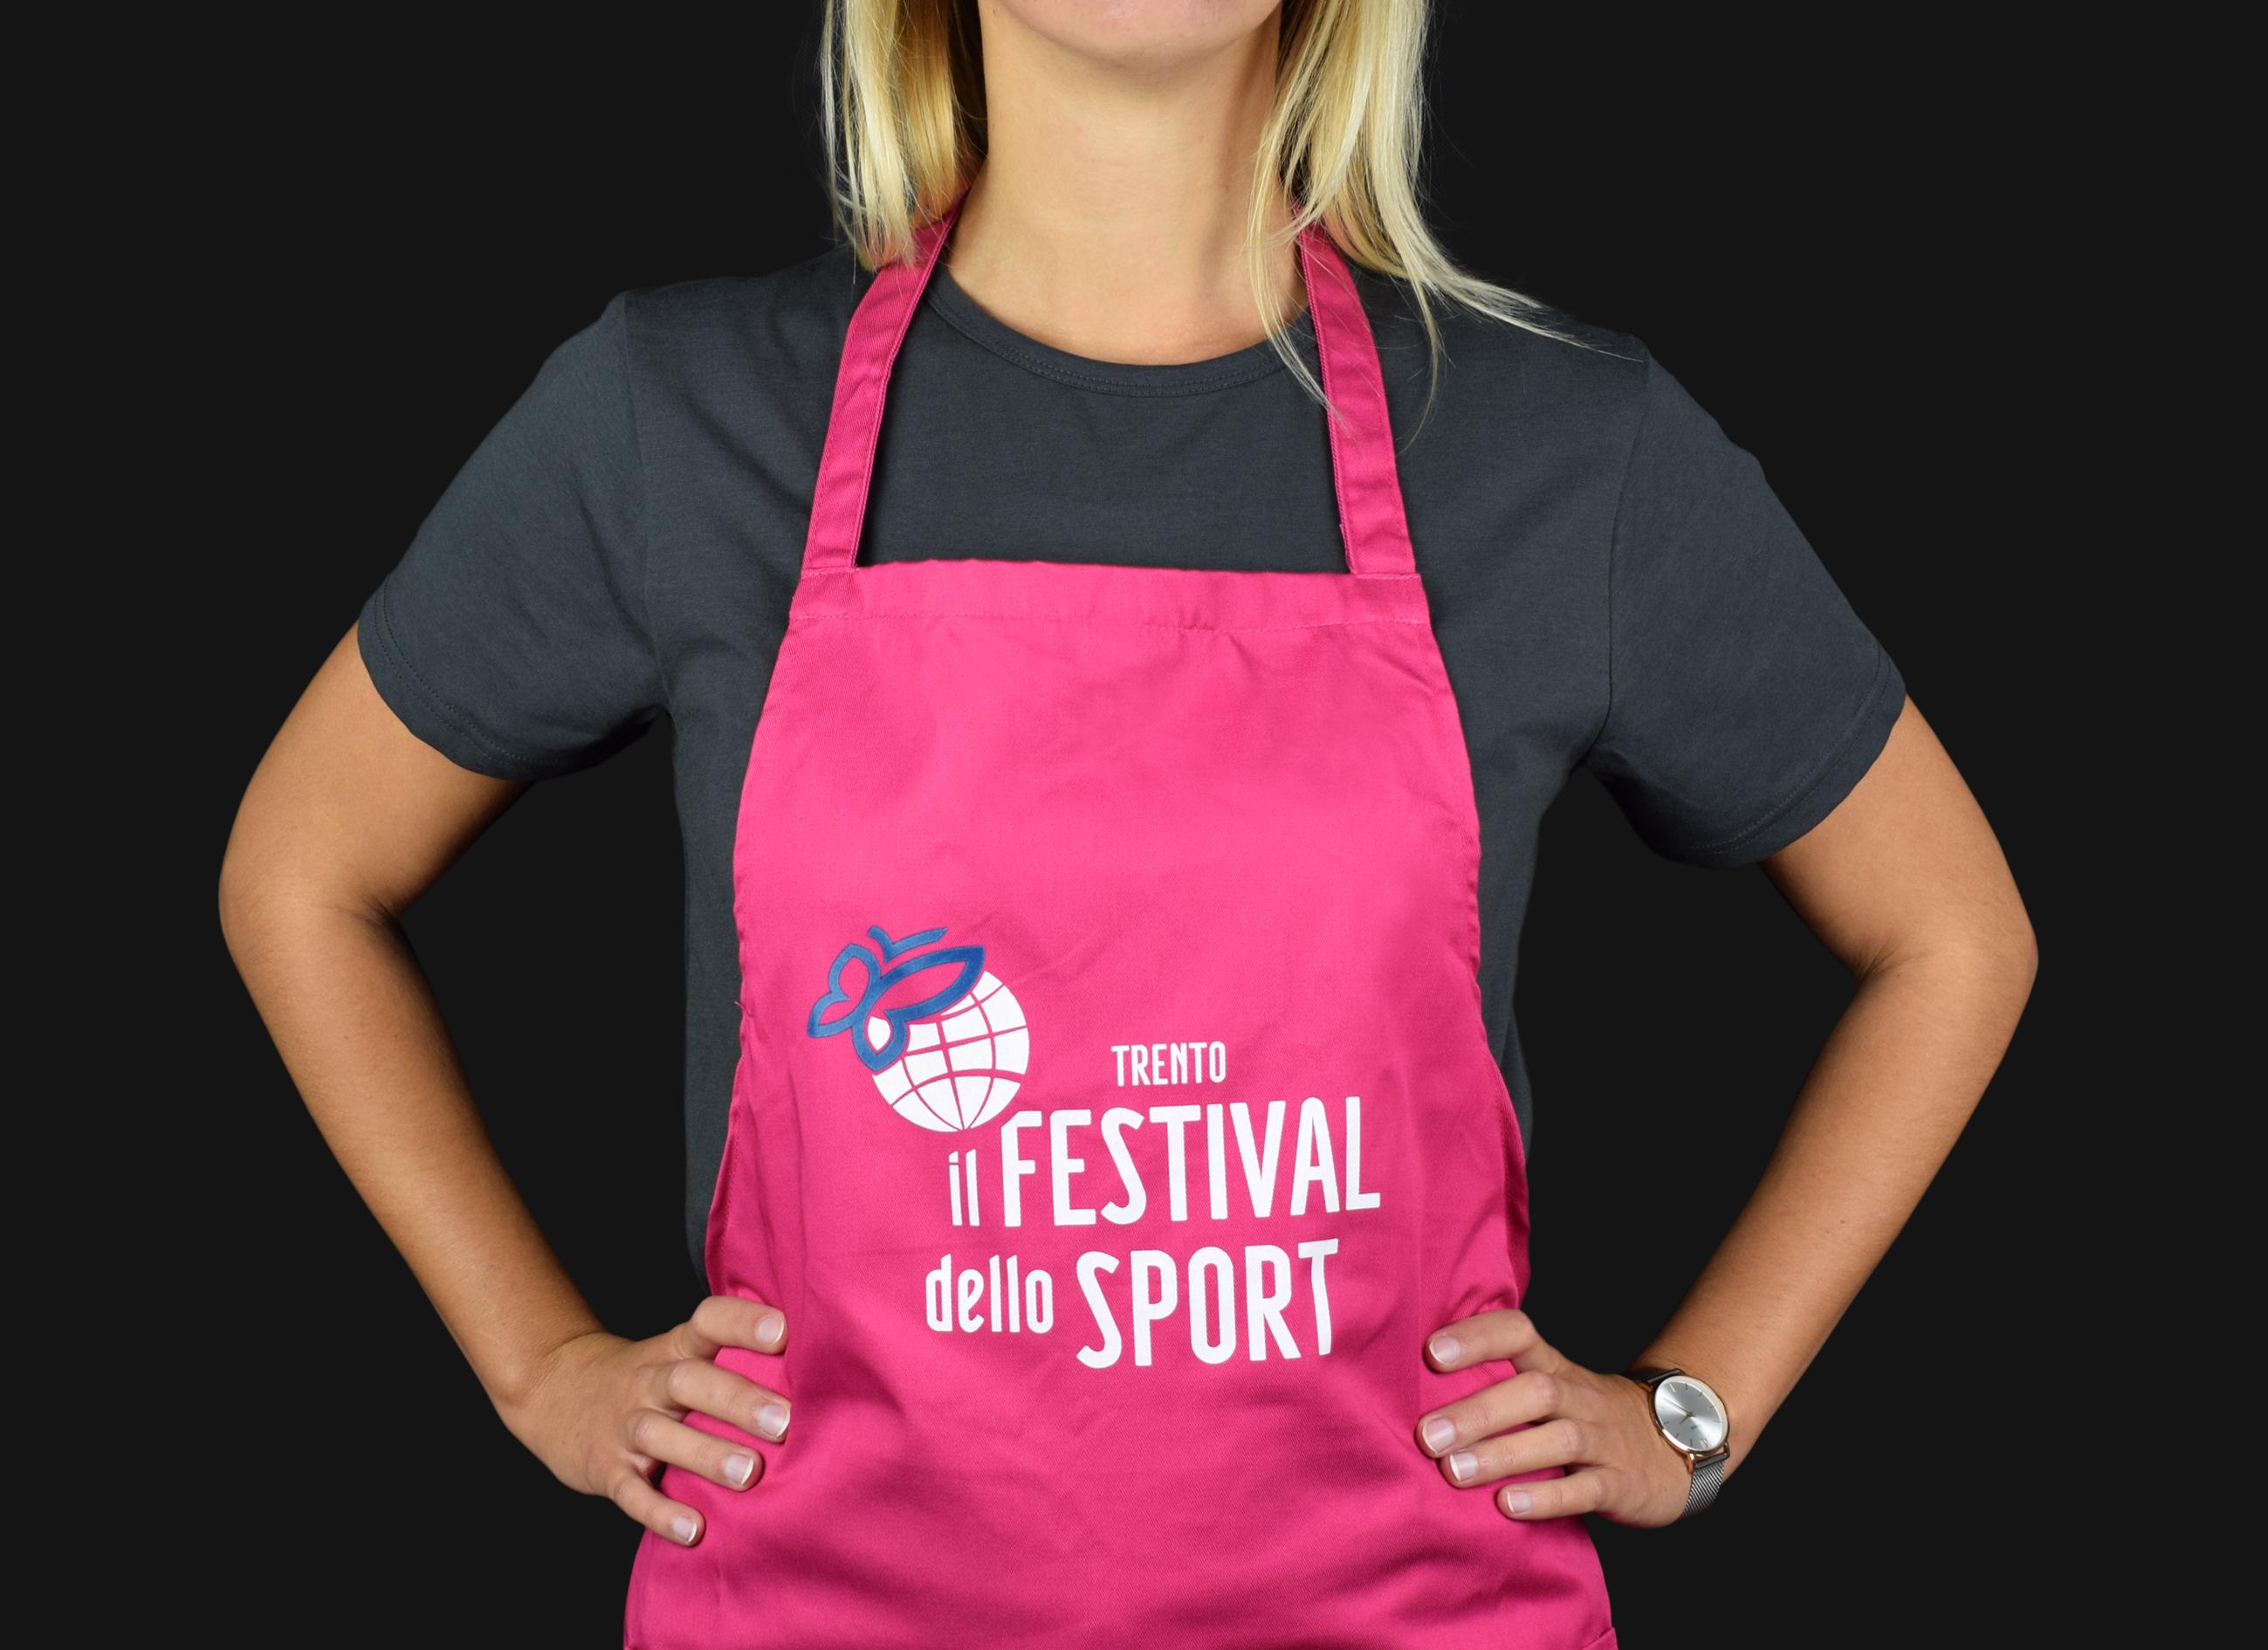 Grembiule personalizzato Festival dello sport 2018